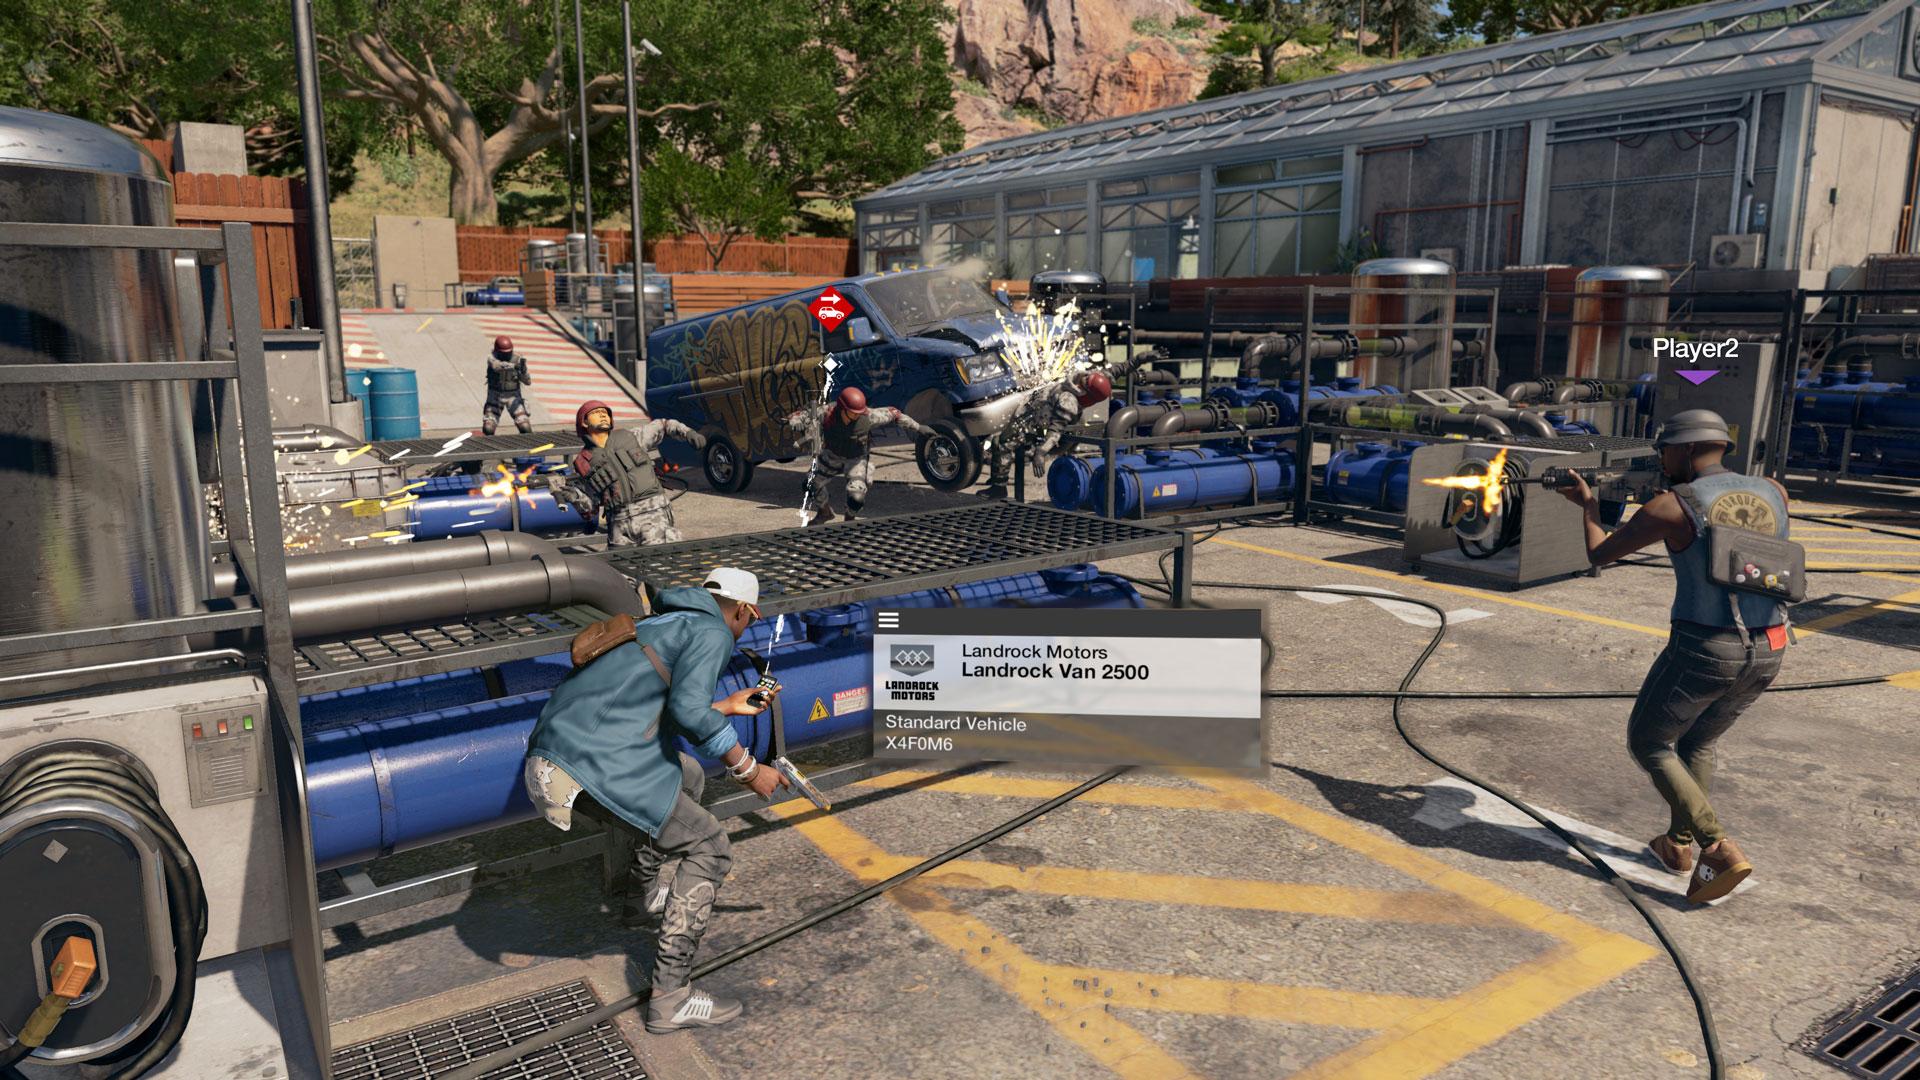 Marcus peut même contrôler des véhicules à distance, parfait pour prendre des ennemis par surprise!